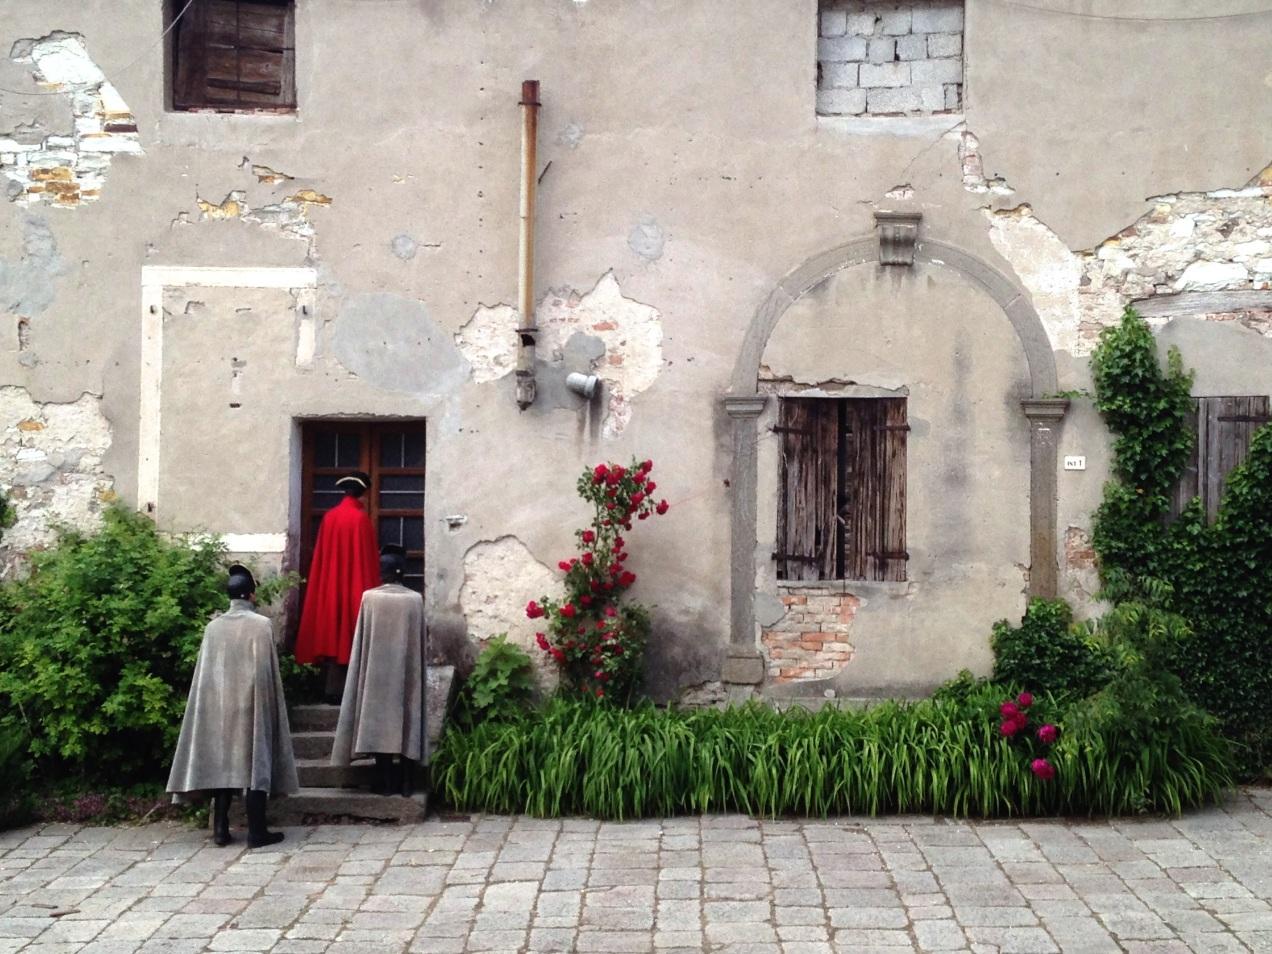 (c) F. Anzalone - Venezia Impossibile photoBlog2